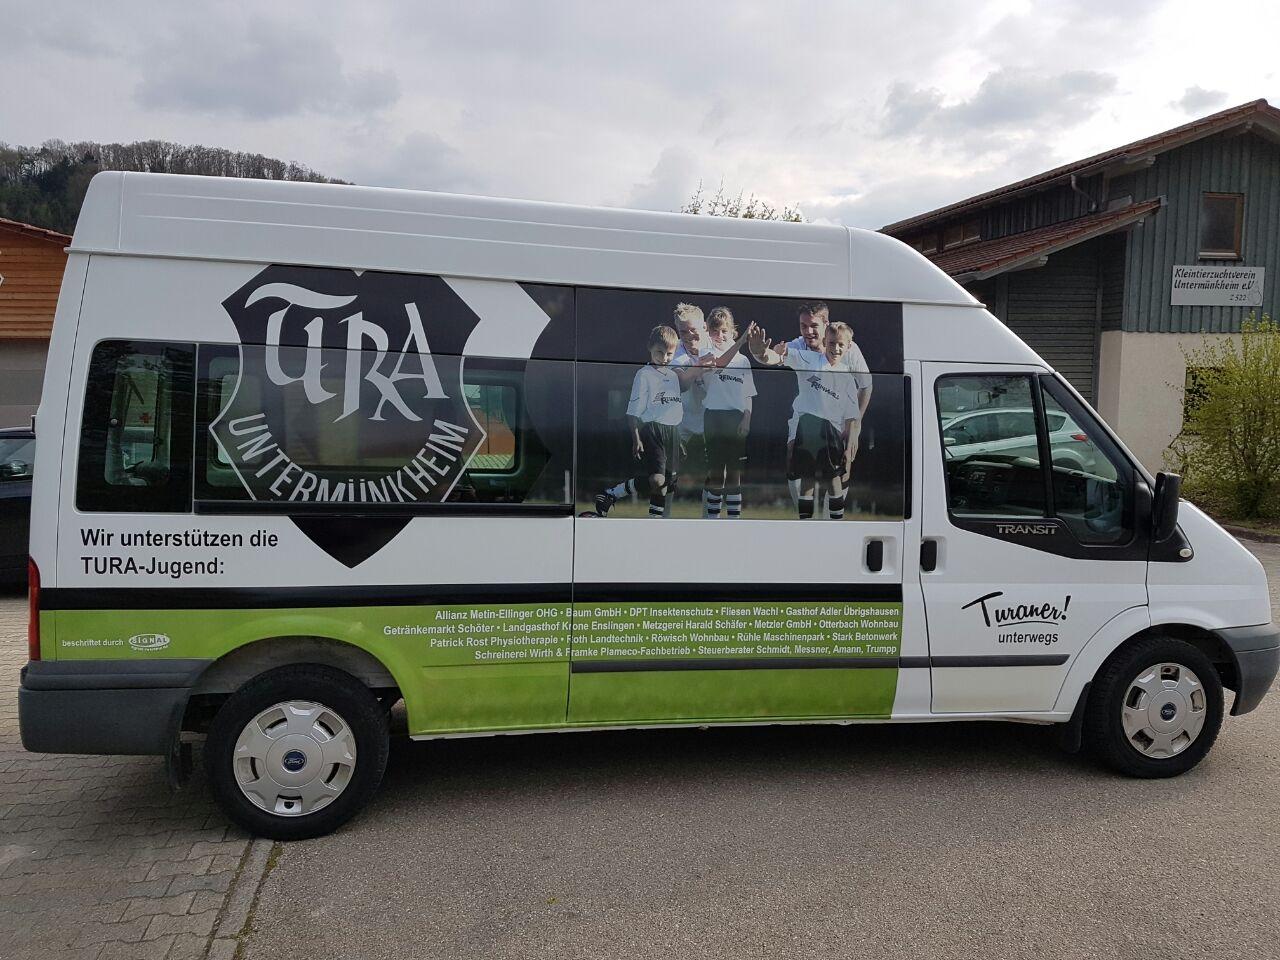 IEin echter Hingucker – der neue TURA-Vereinsbus